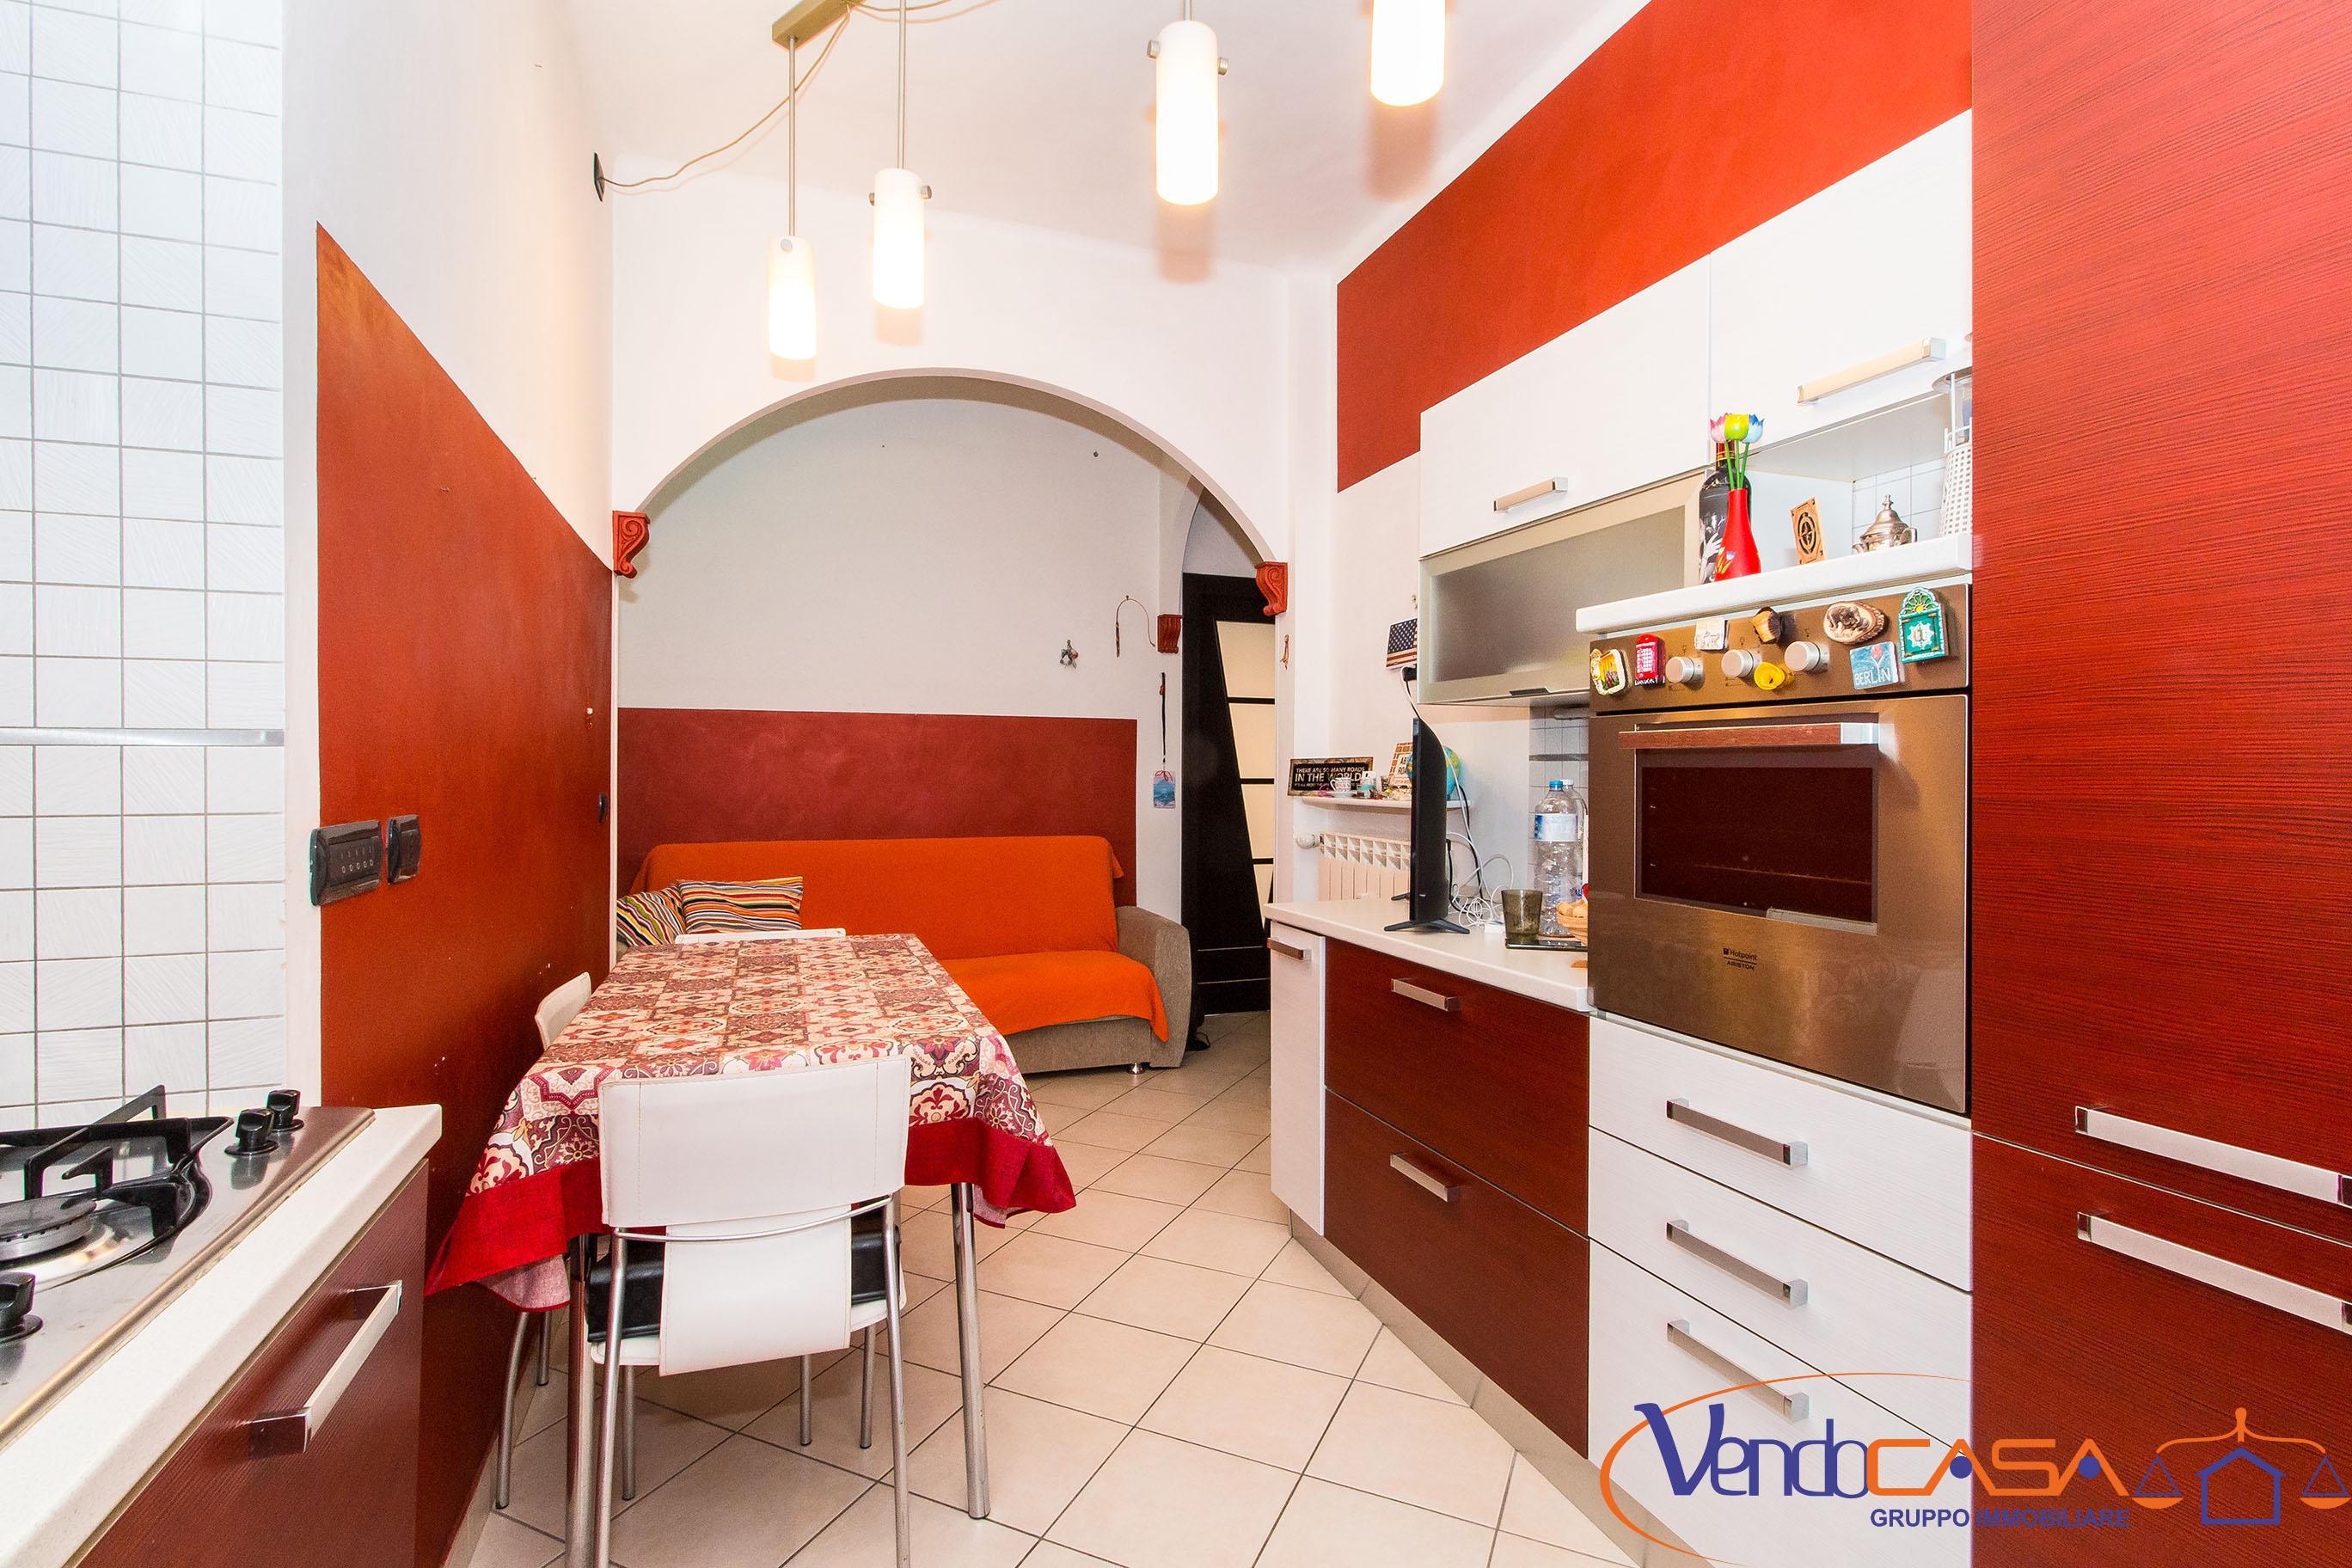 Dettaglio Annuncio_ - Gruppovendocasa Immobiliare ...